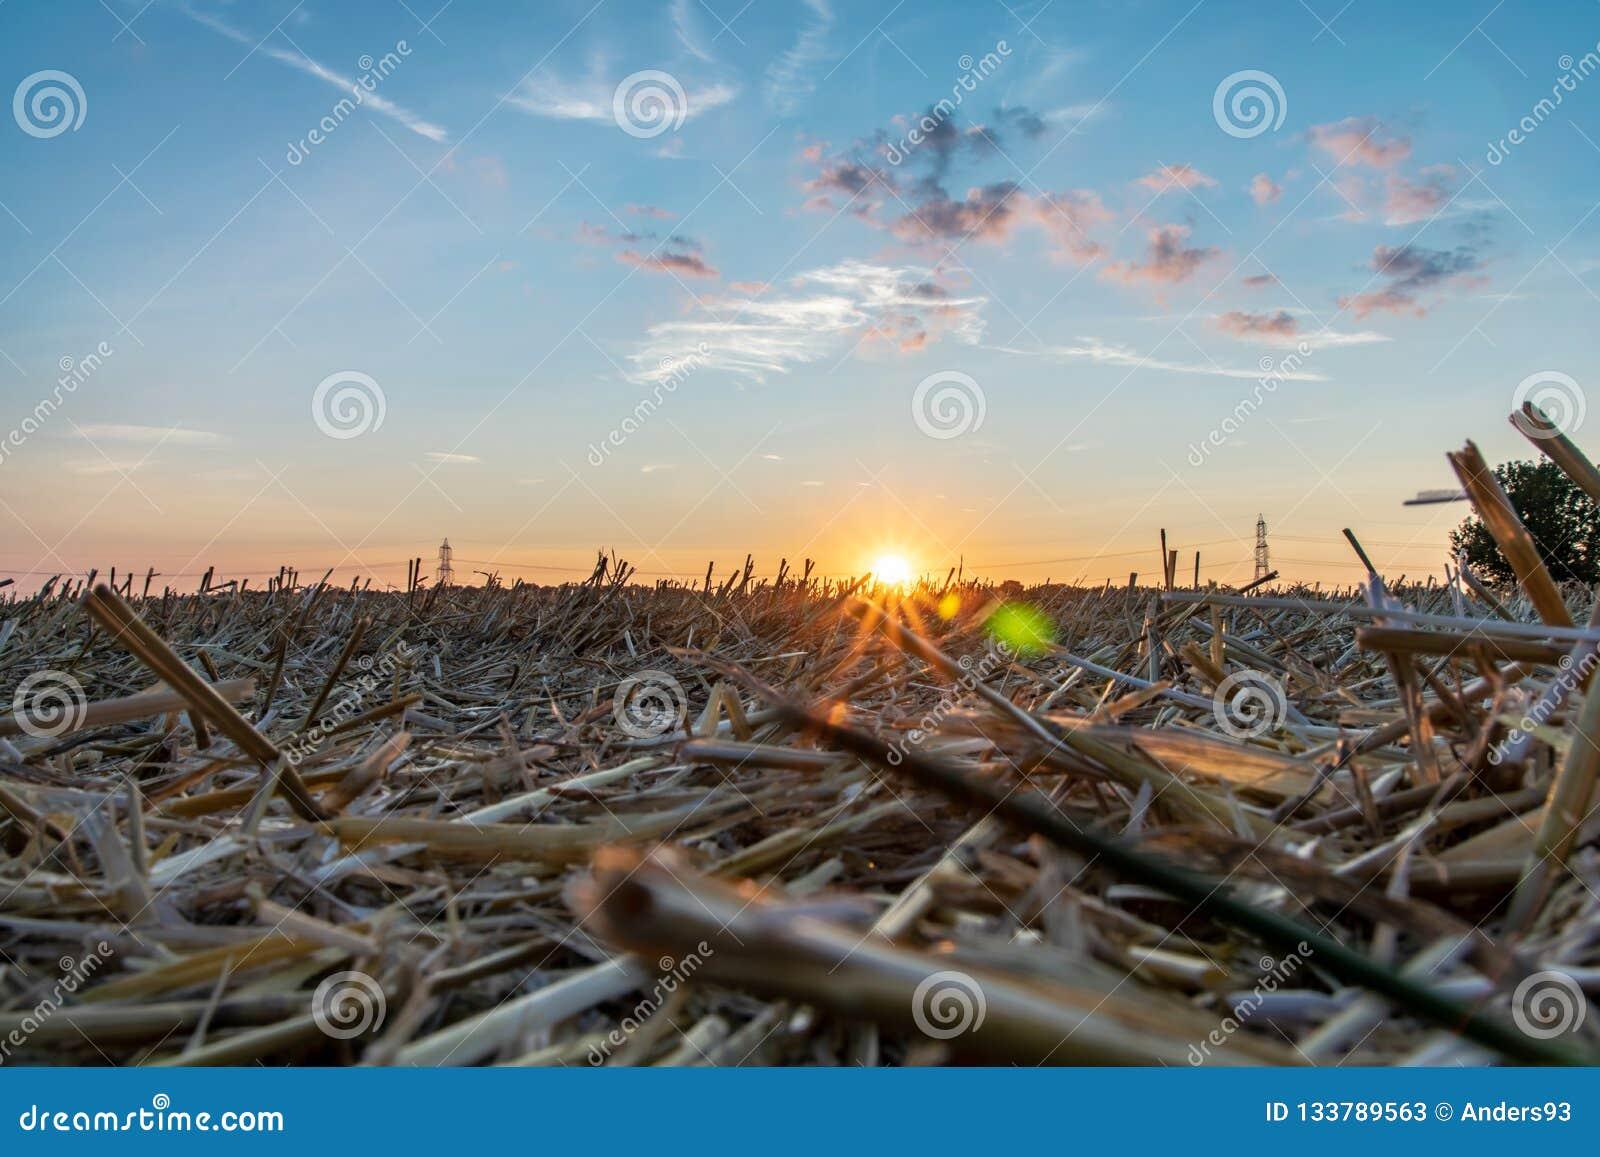 Plattelandsscène van gebieden en elektriciteitspylonen tegen de gouden zonsonderganghemel